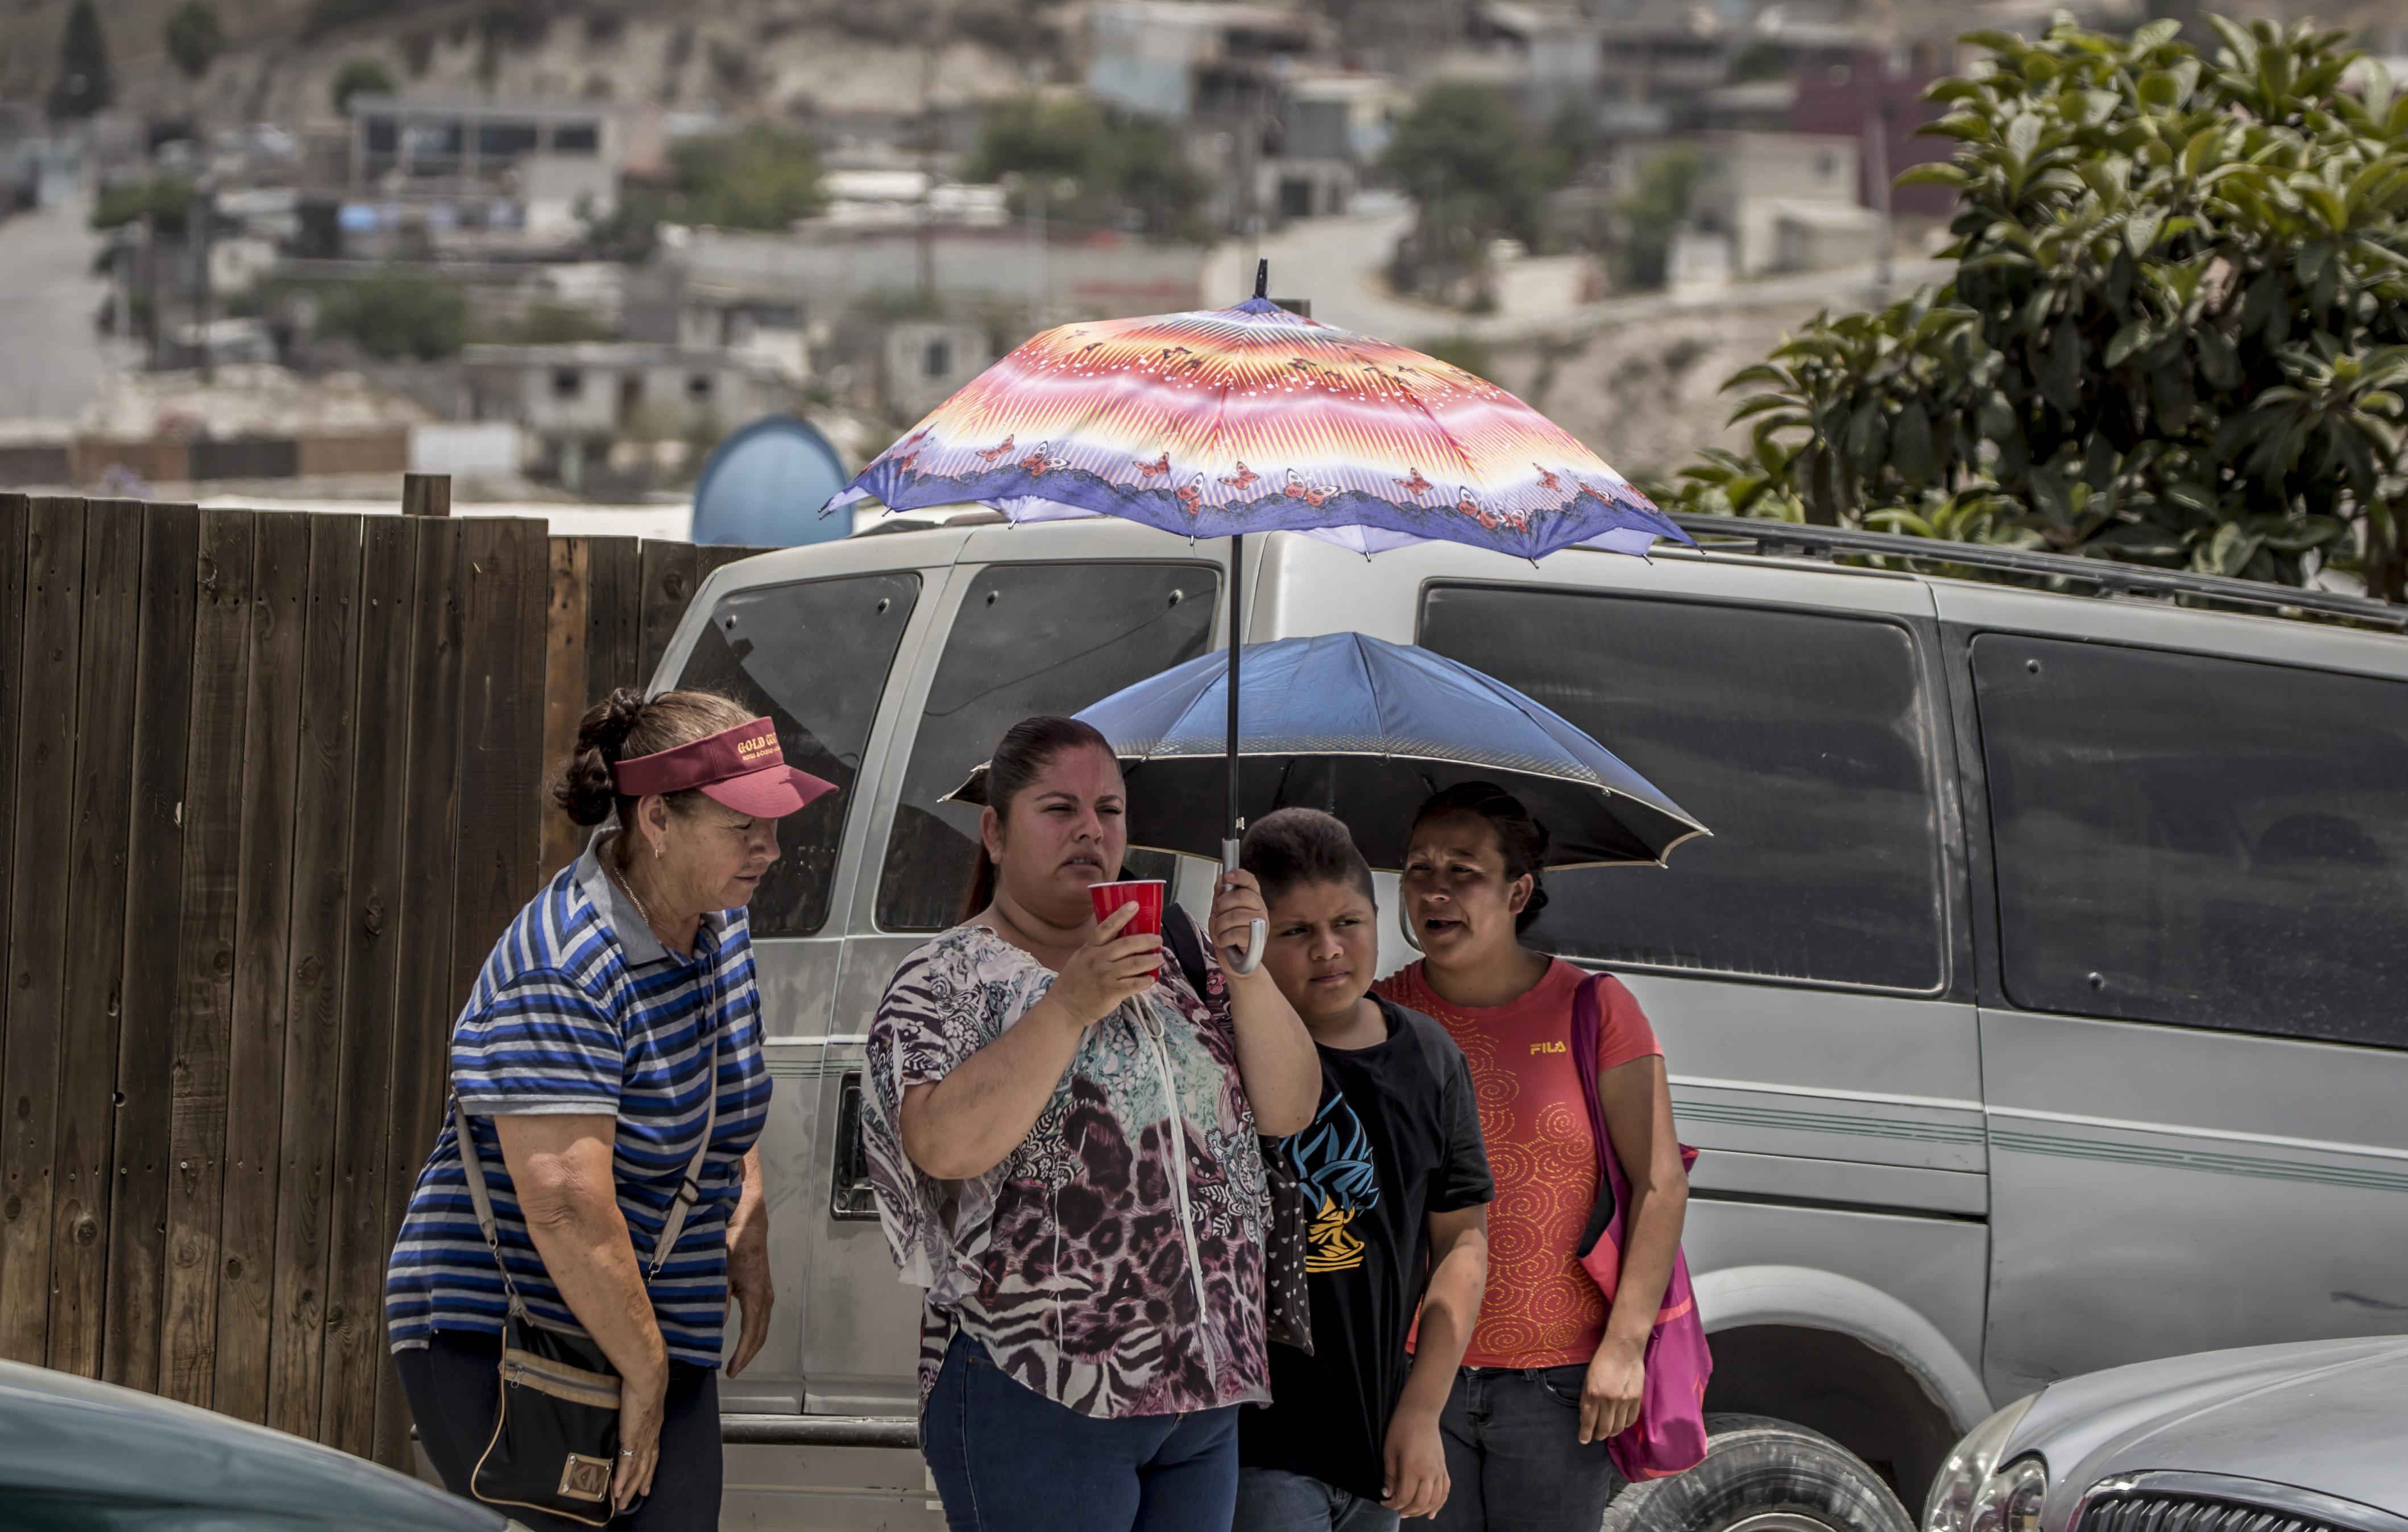 Mujeres en Tijuana usan sombrillas para protegerse del intenso